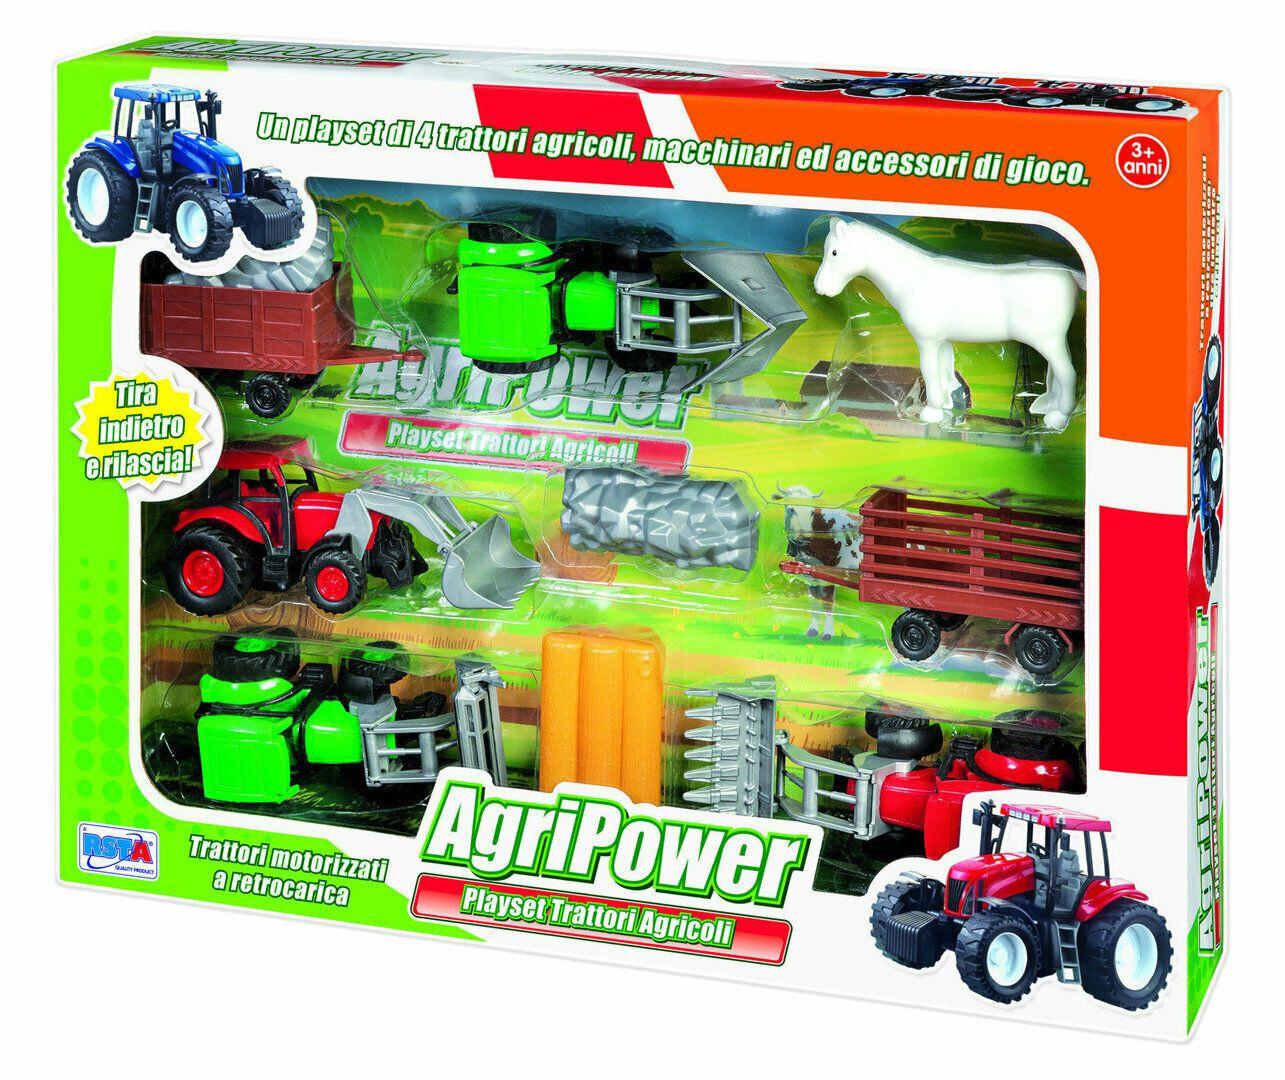 Playset 4 Trattori Agricoli - motorizzati a retrocarica